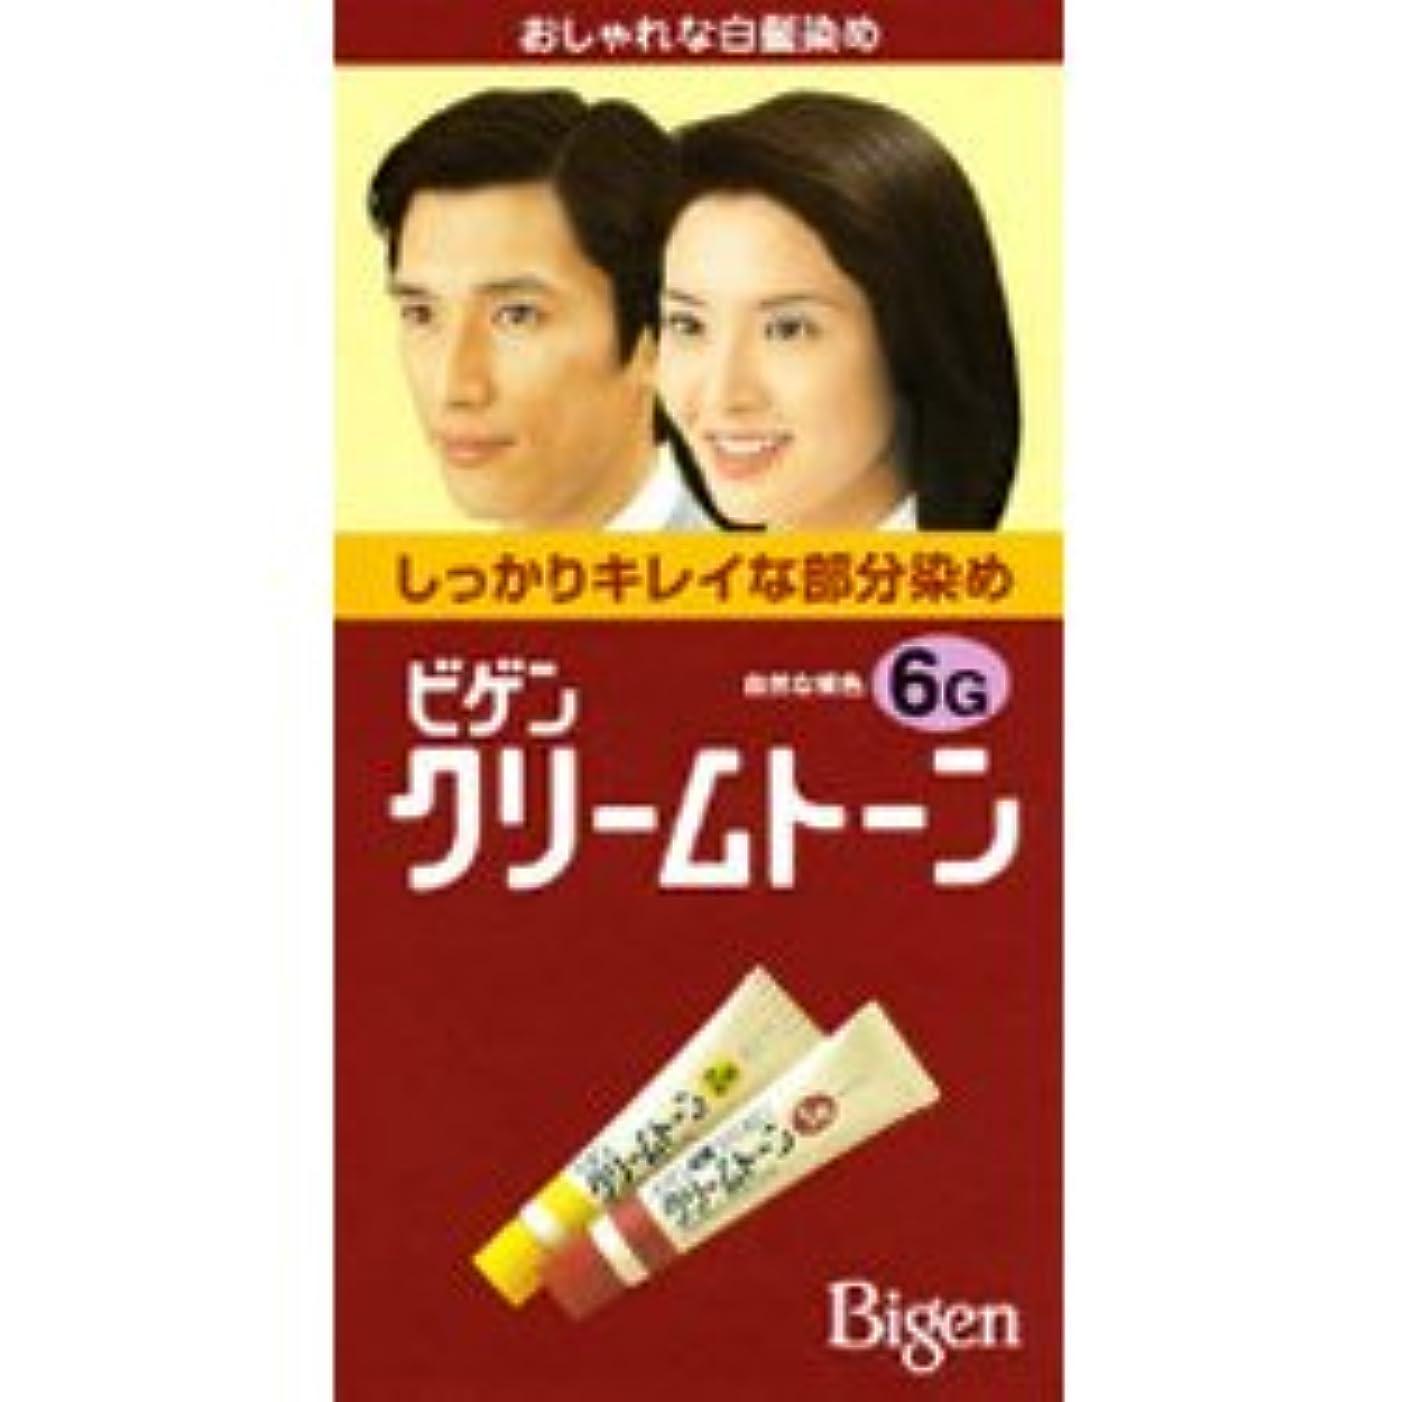 選挙導出危険ビゲンクリームトーン 6G 自然な褐色(40g+40g)